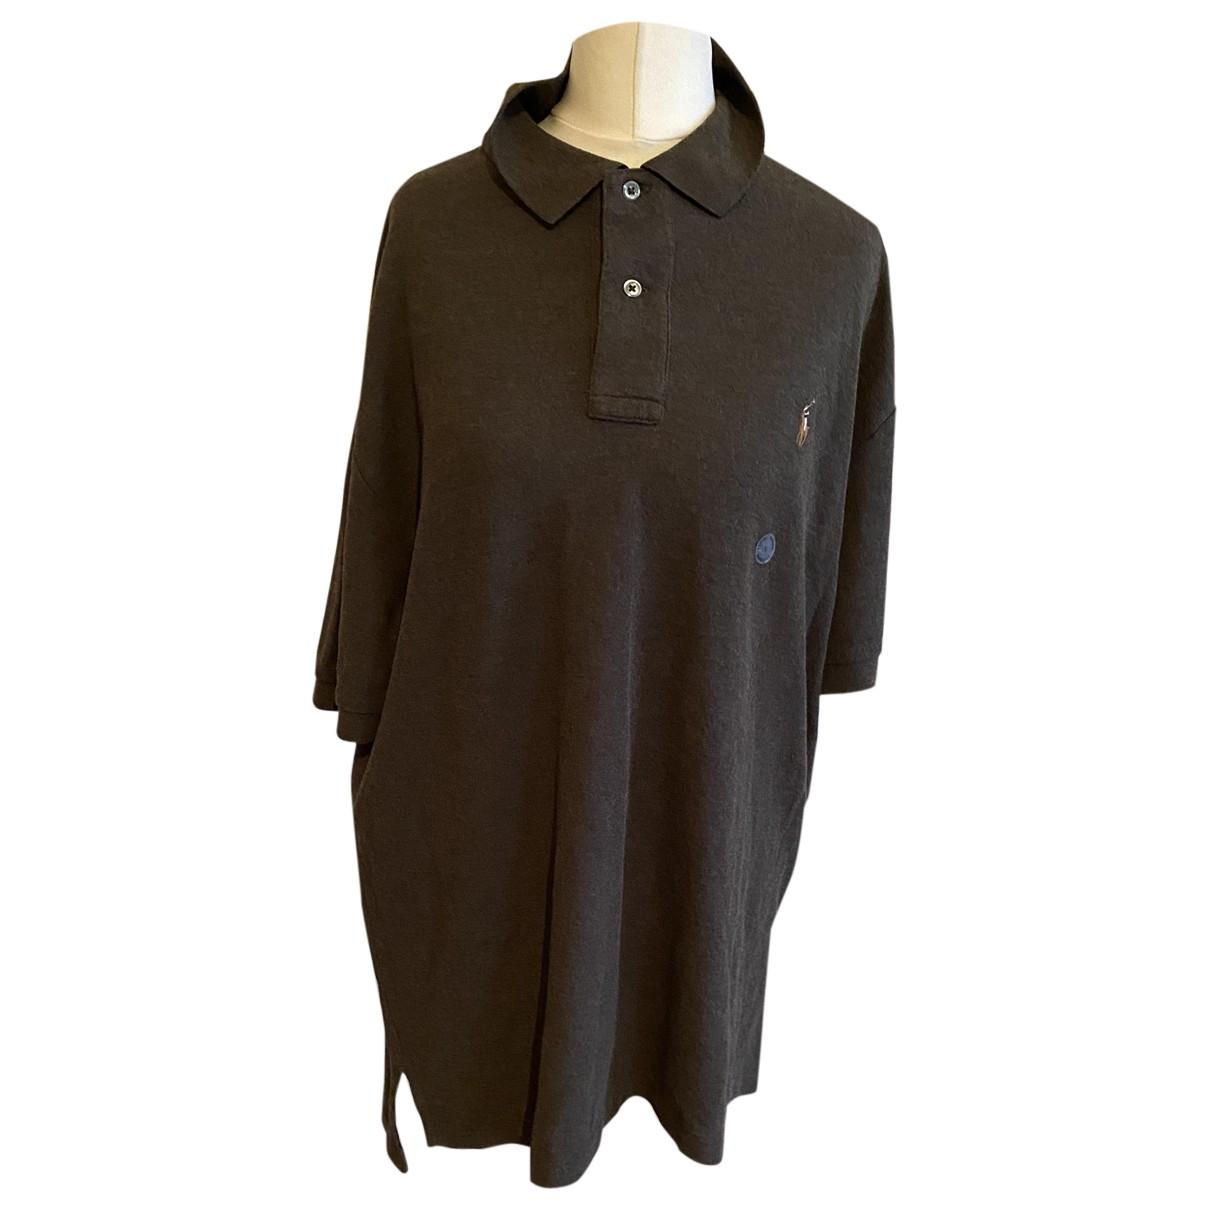 Polo Ralph Lauren - Tee shirts   pour homme - marron